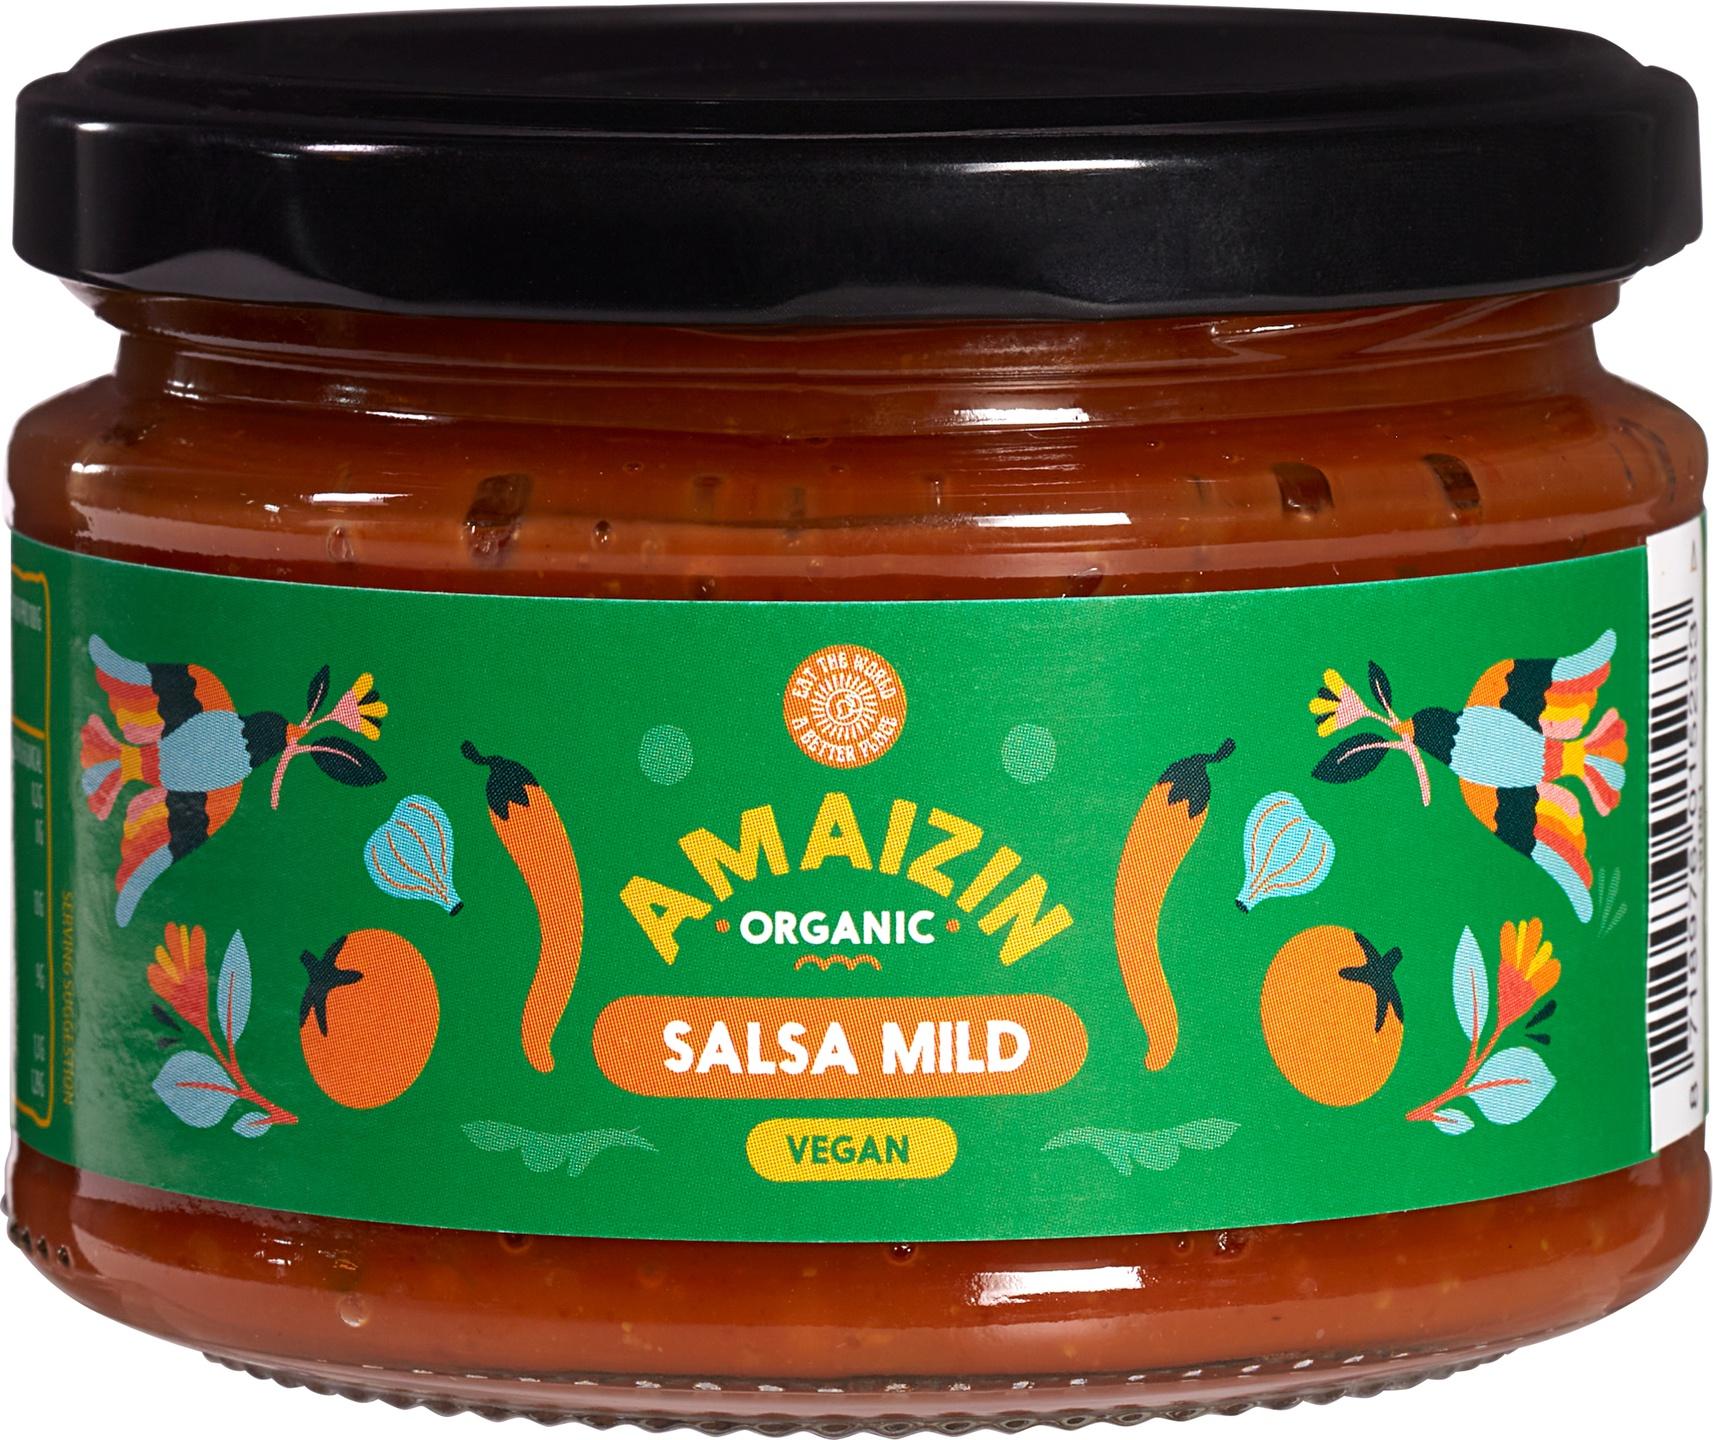 Biologische Amaizin Sweet salsa chip dip 260 gr